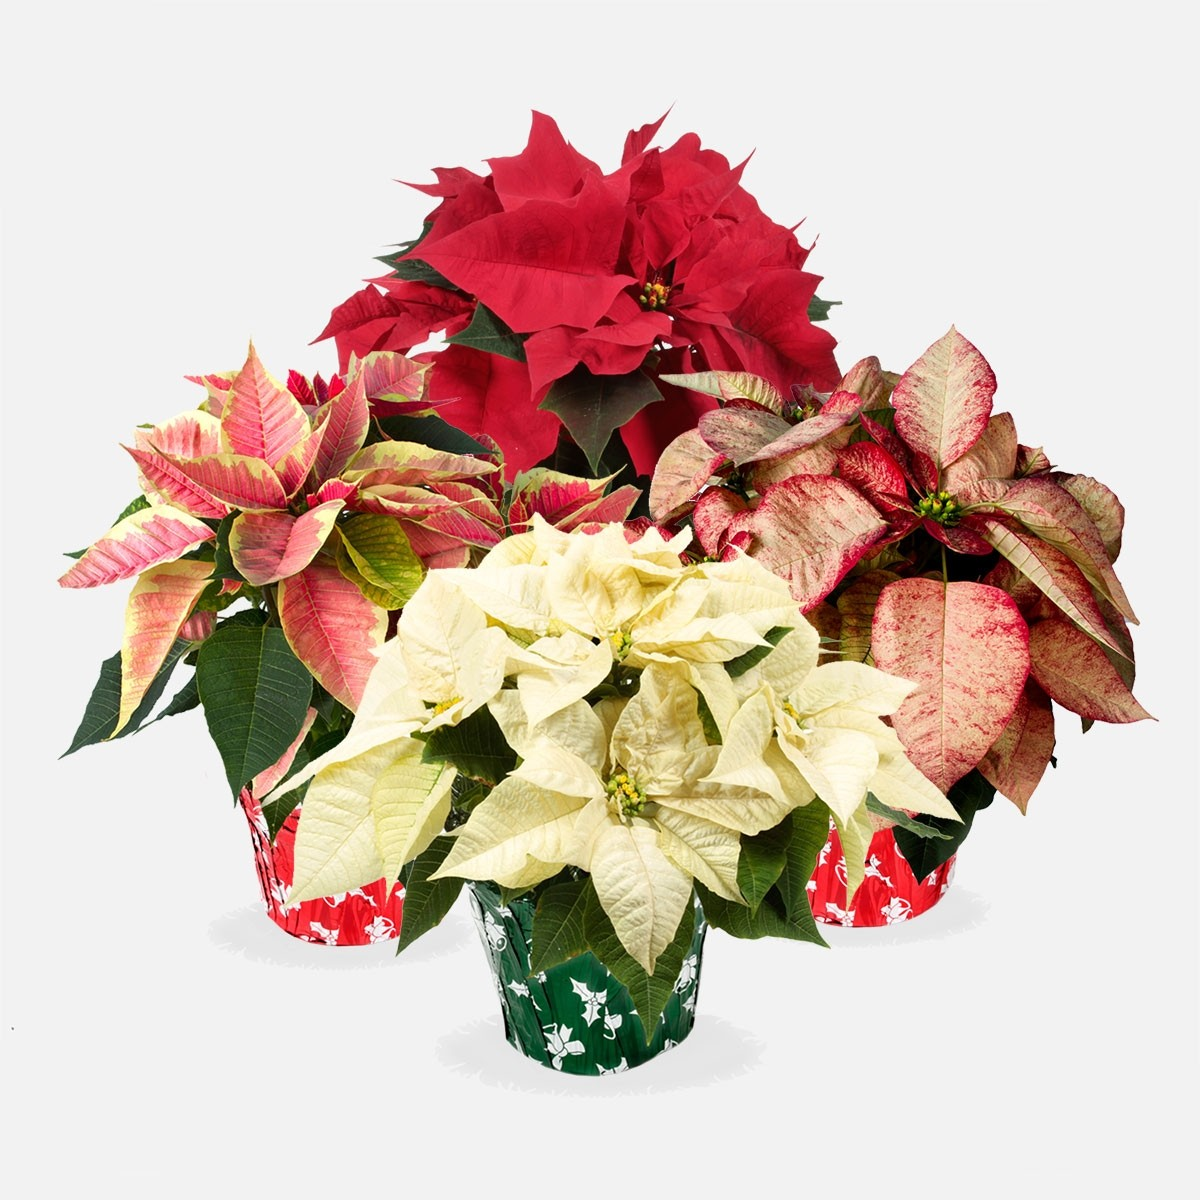 6 5 Poinsettia Bundle Plant